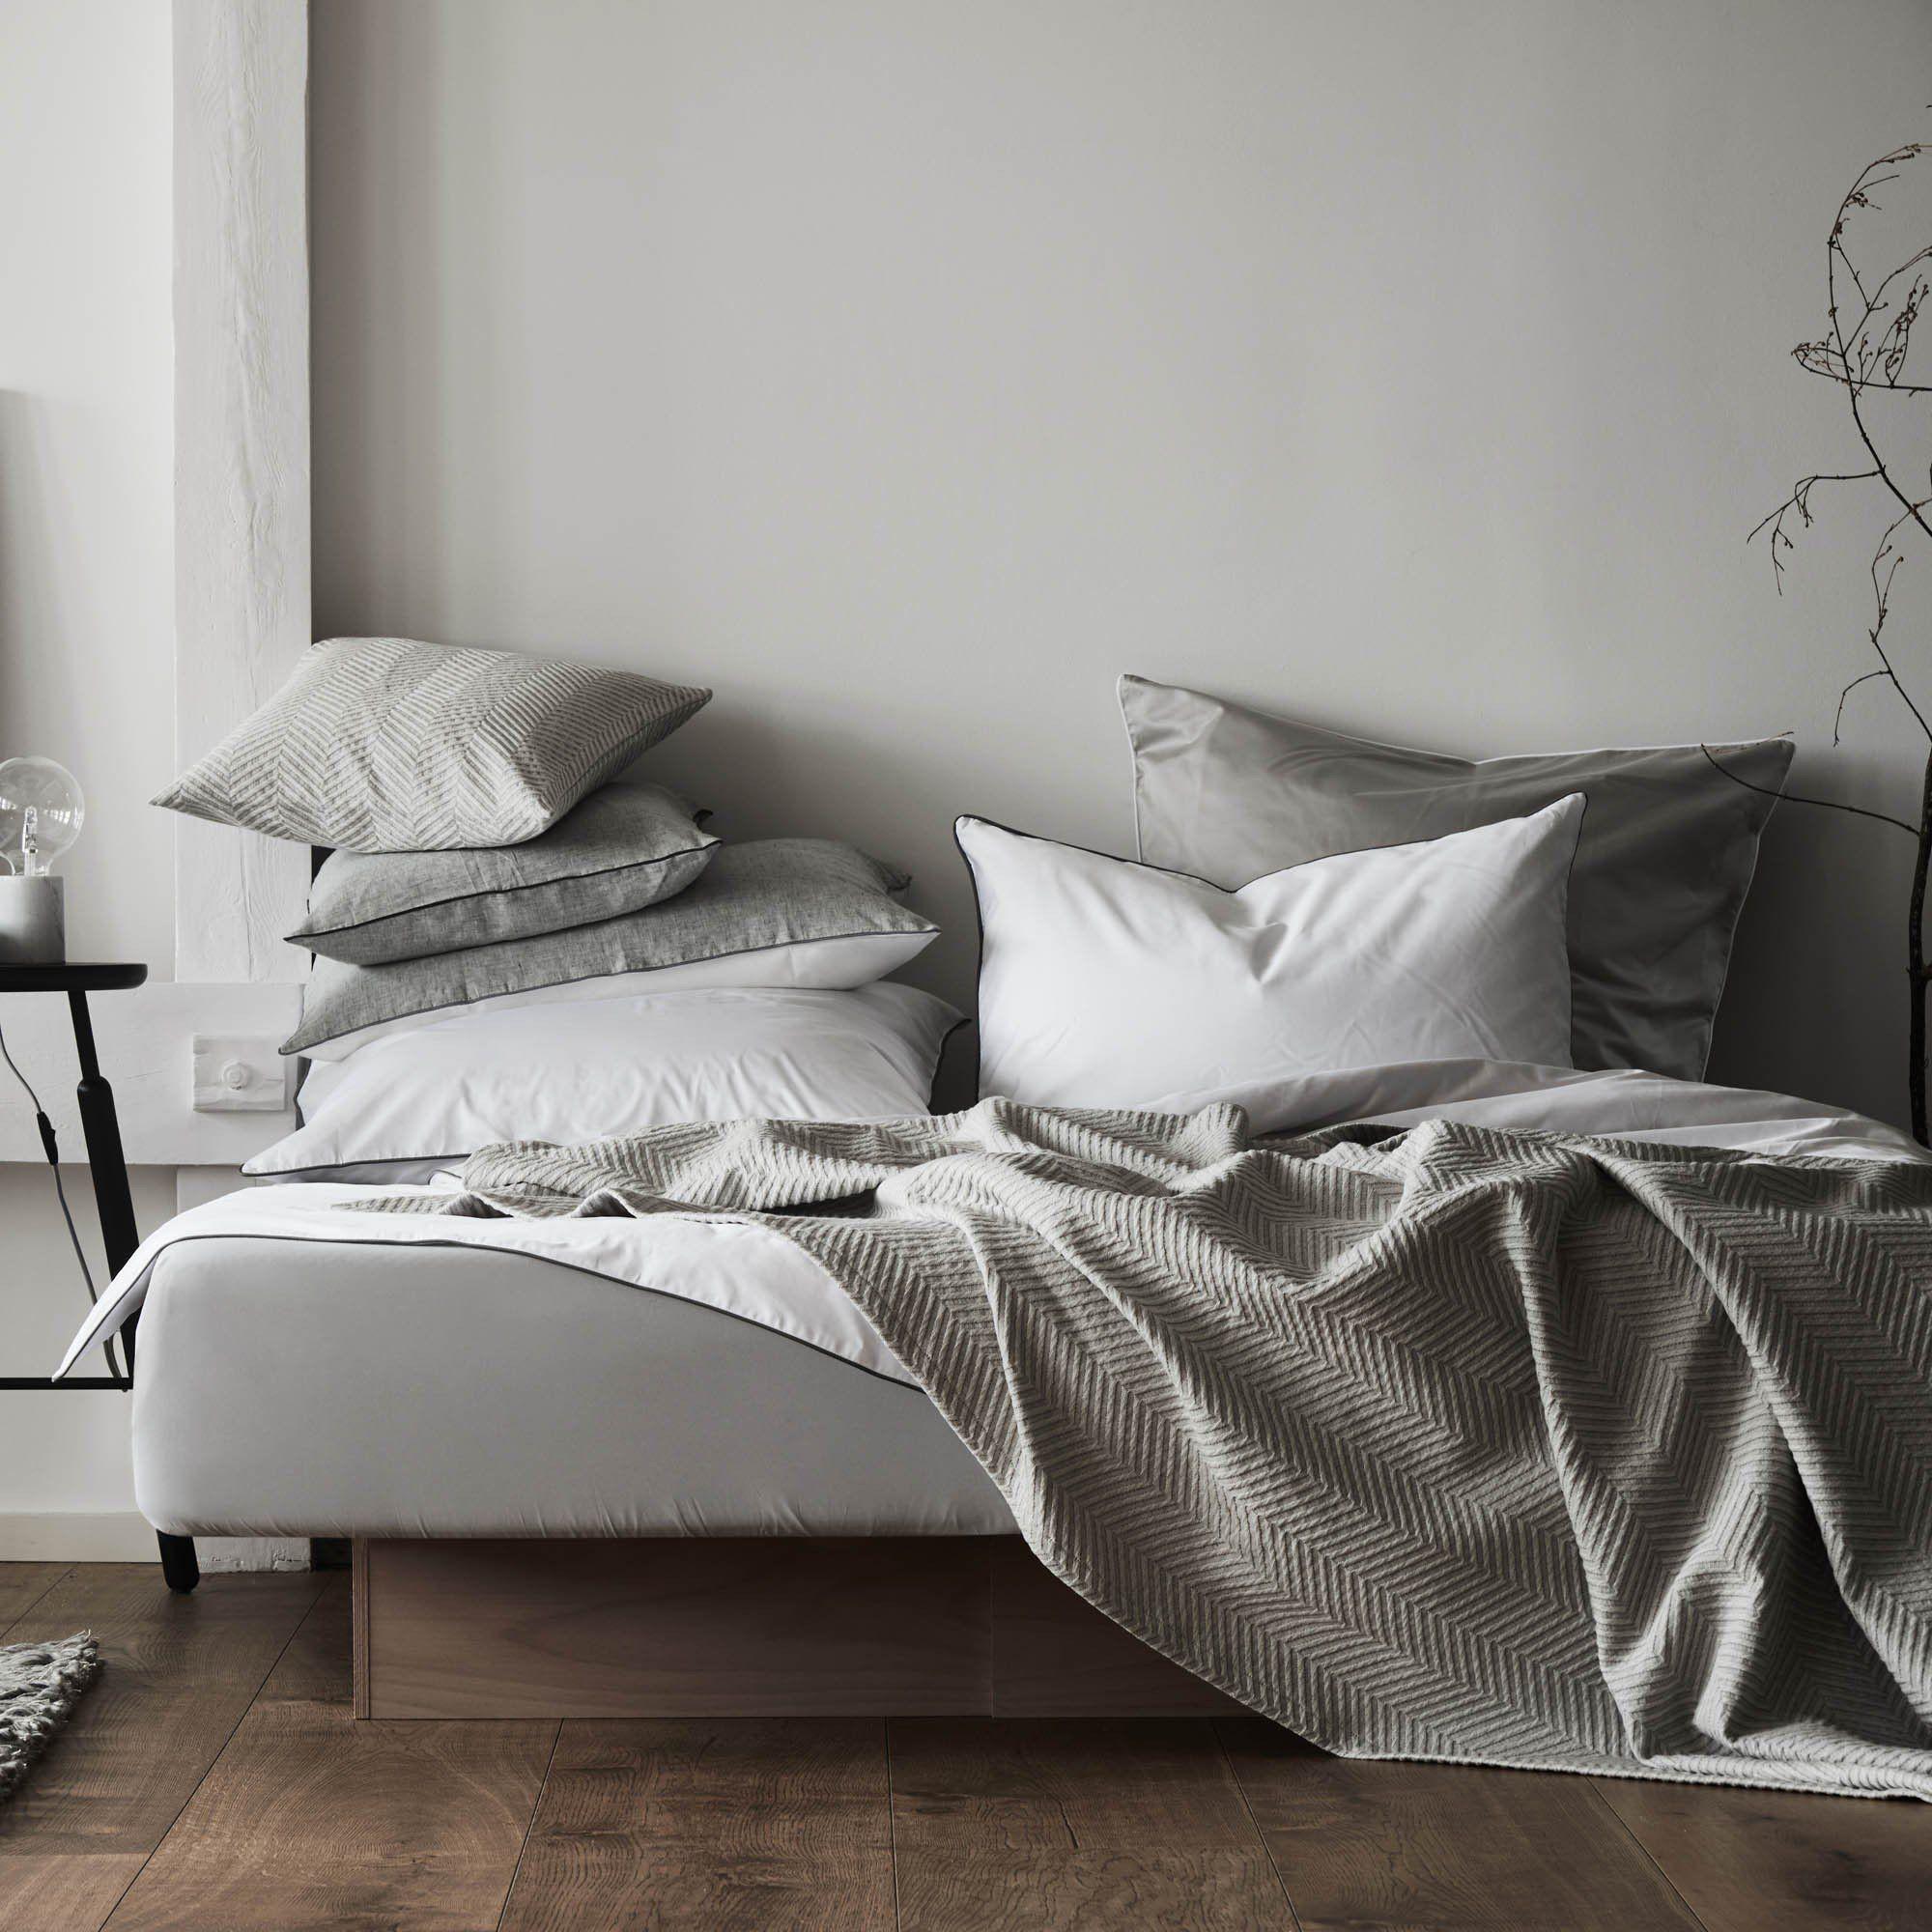 Satin Bettwasche Lanton Weiss Grau 200x200 Cm In 2020